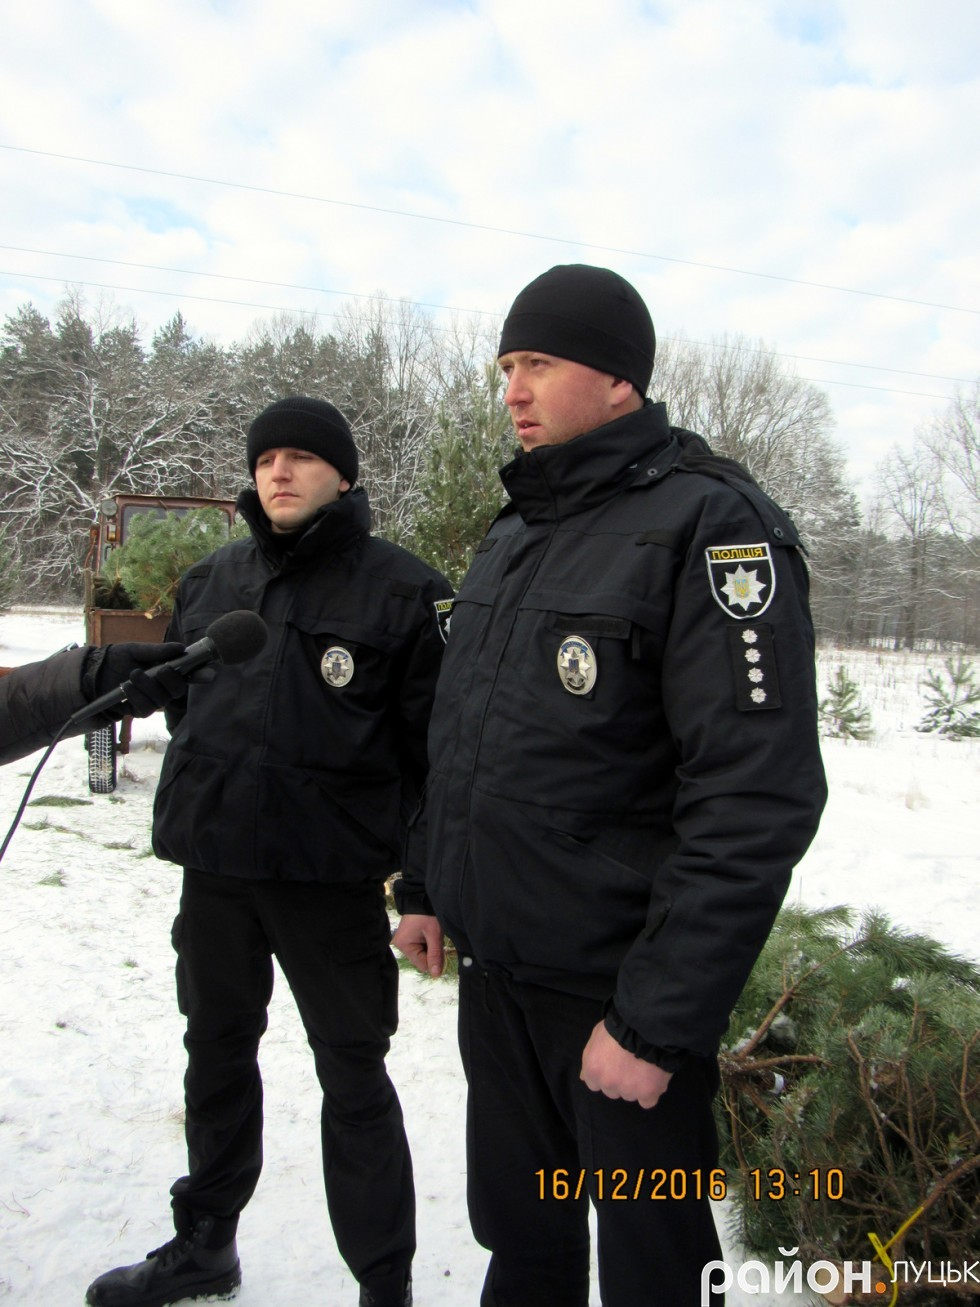 Лісова охорона разом із патрульною поліцією ківерцівського відділу поліції